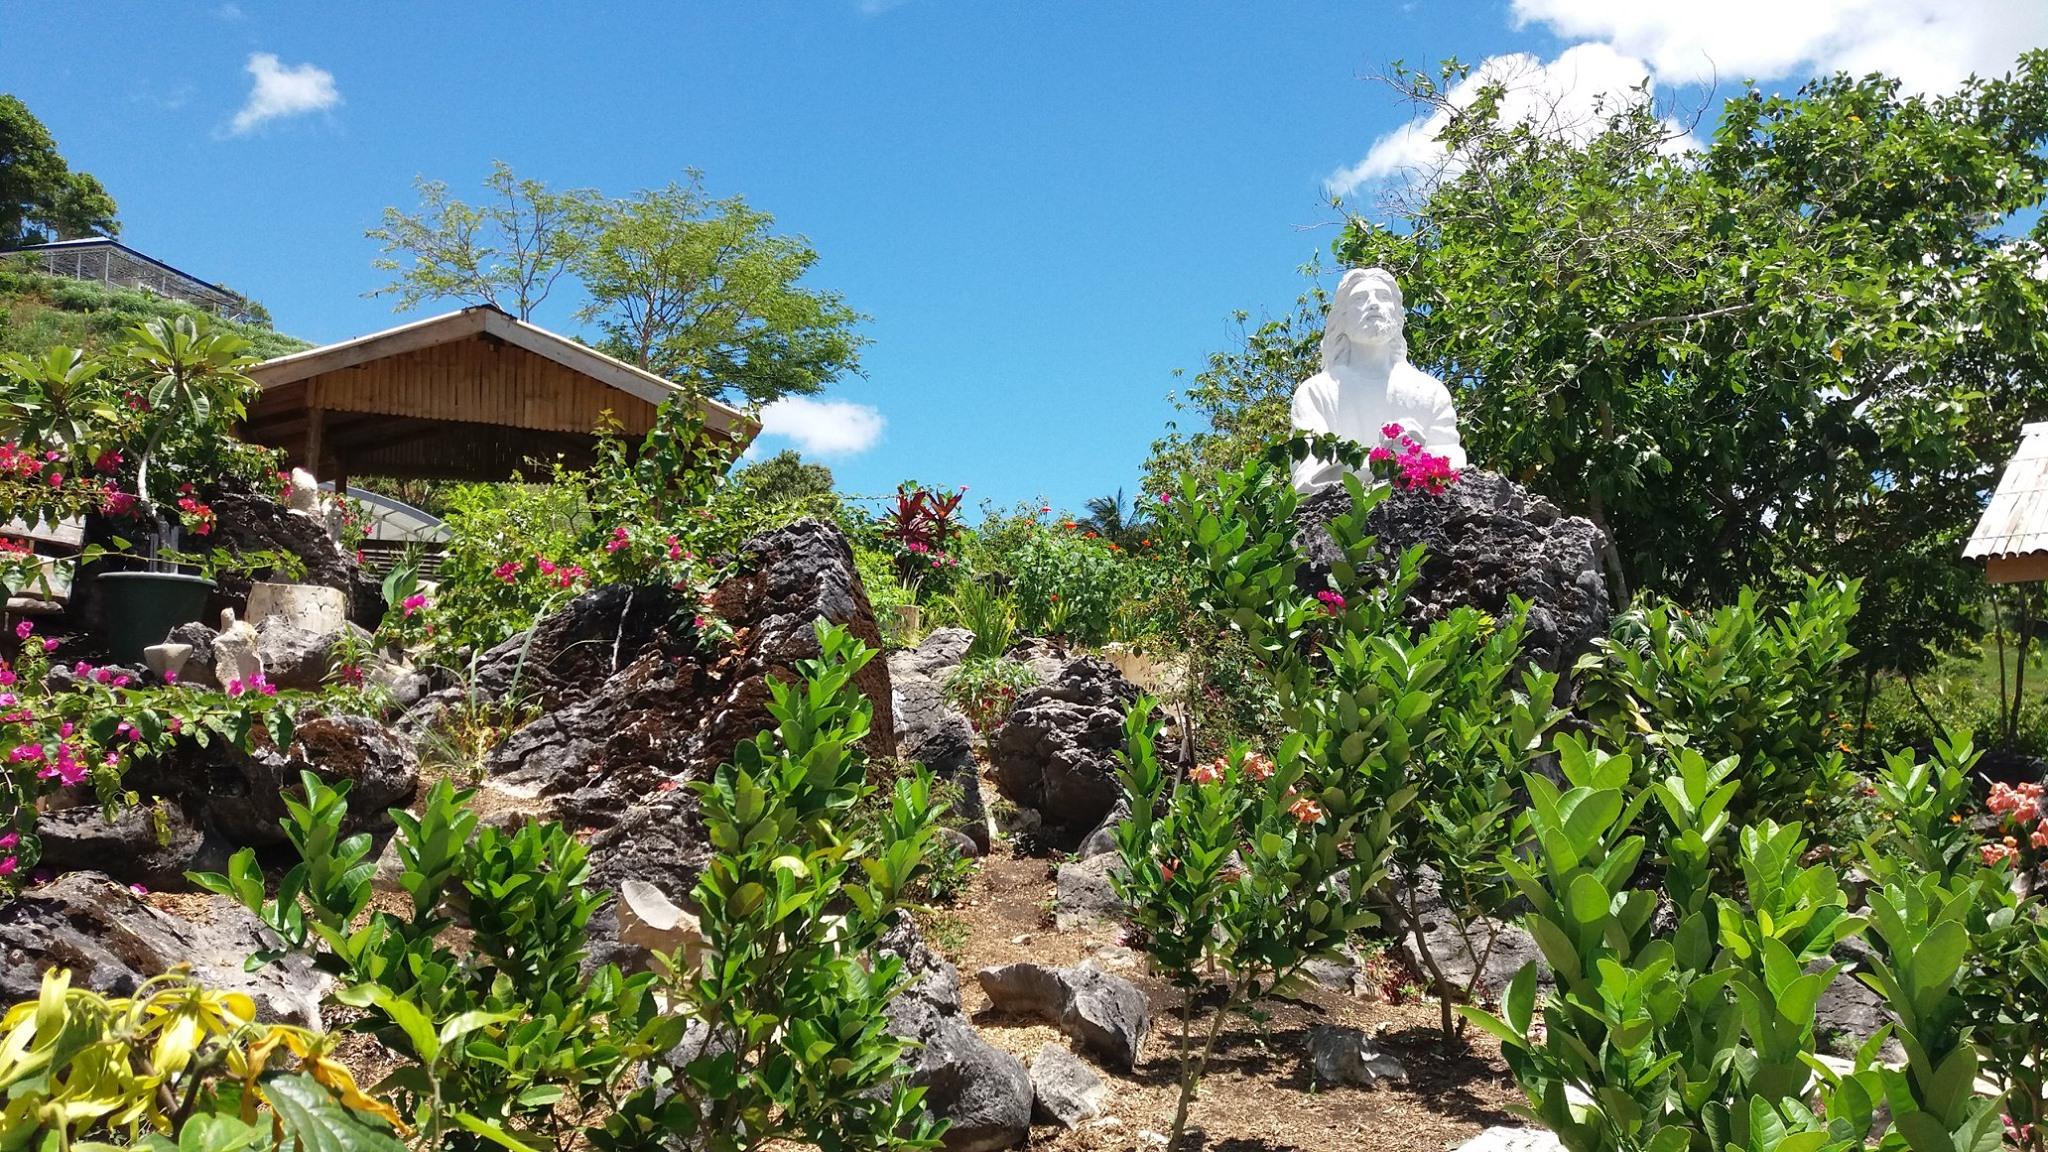 Flowers & Rocks Garden